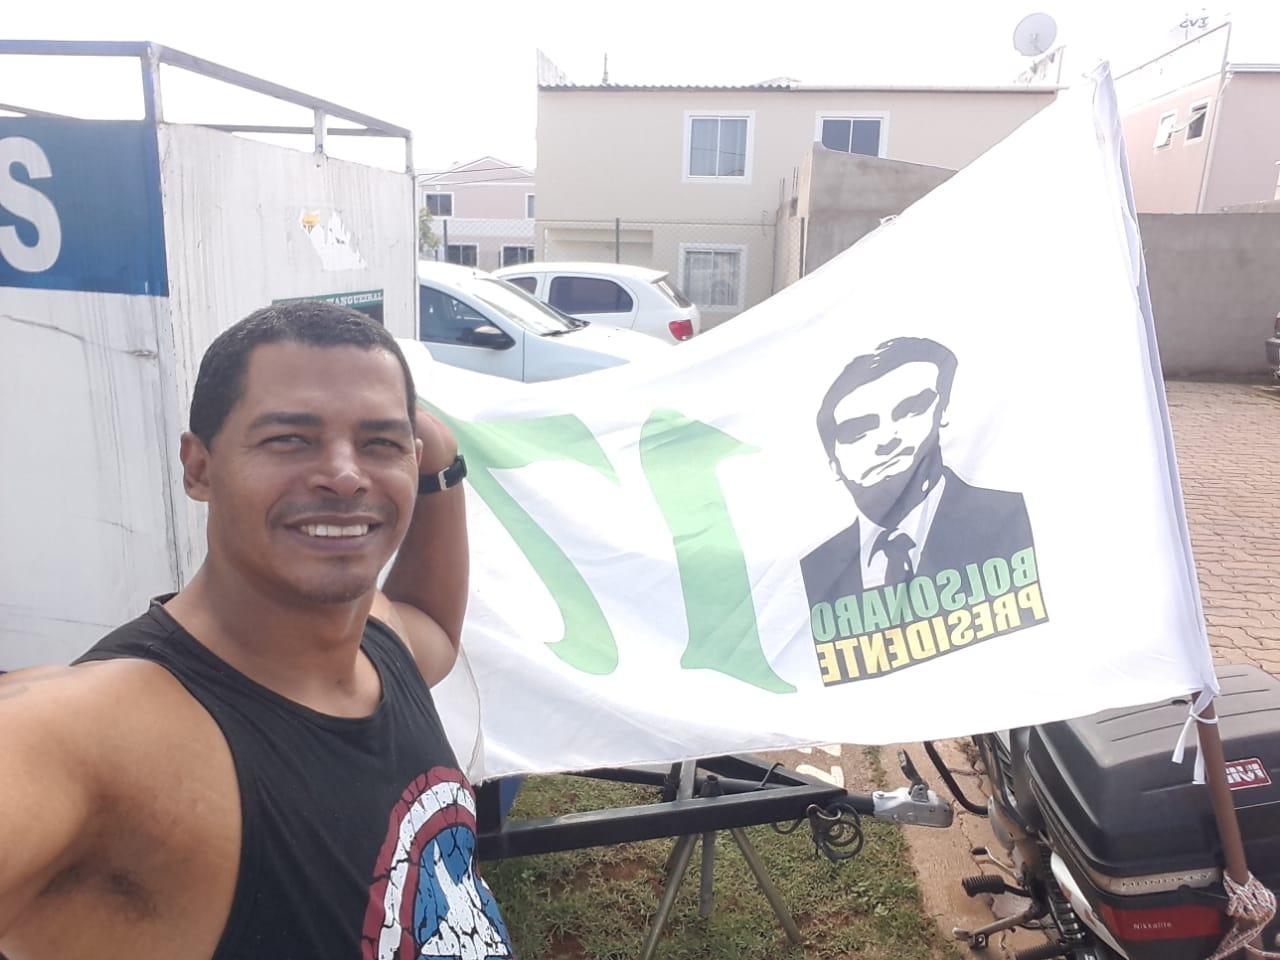 6def5d57 308f 4b44 ba07 6ce2ea5ae33f - Bolsonaro venceu em todos Estados do Sul, Sudeste e Centro-Oeste